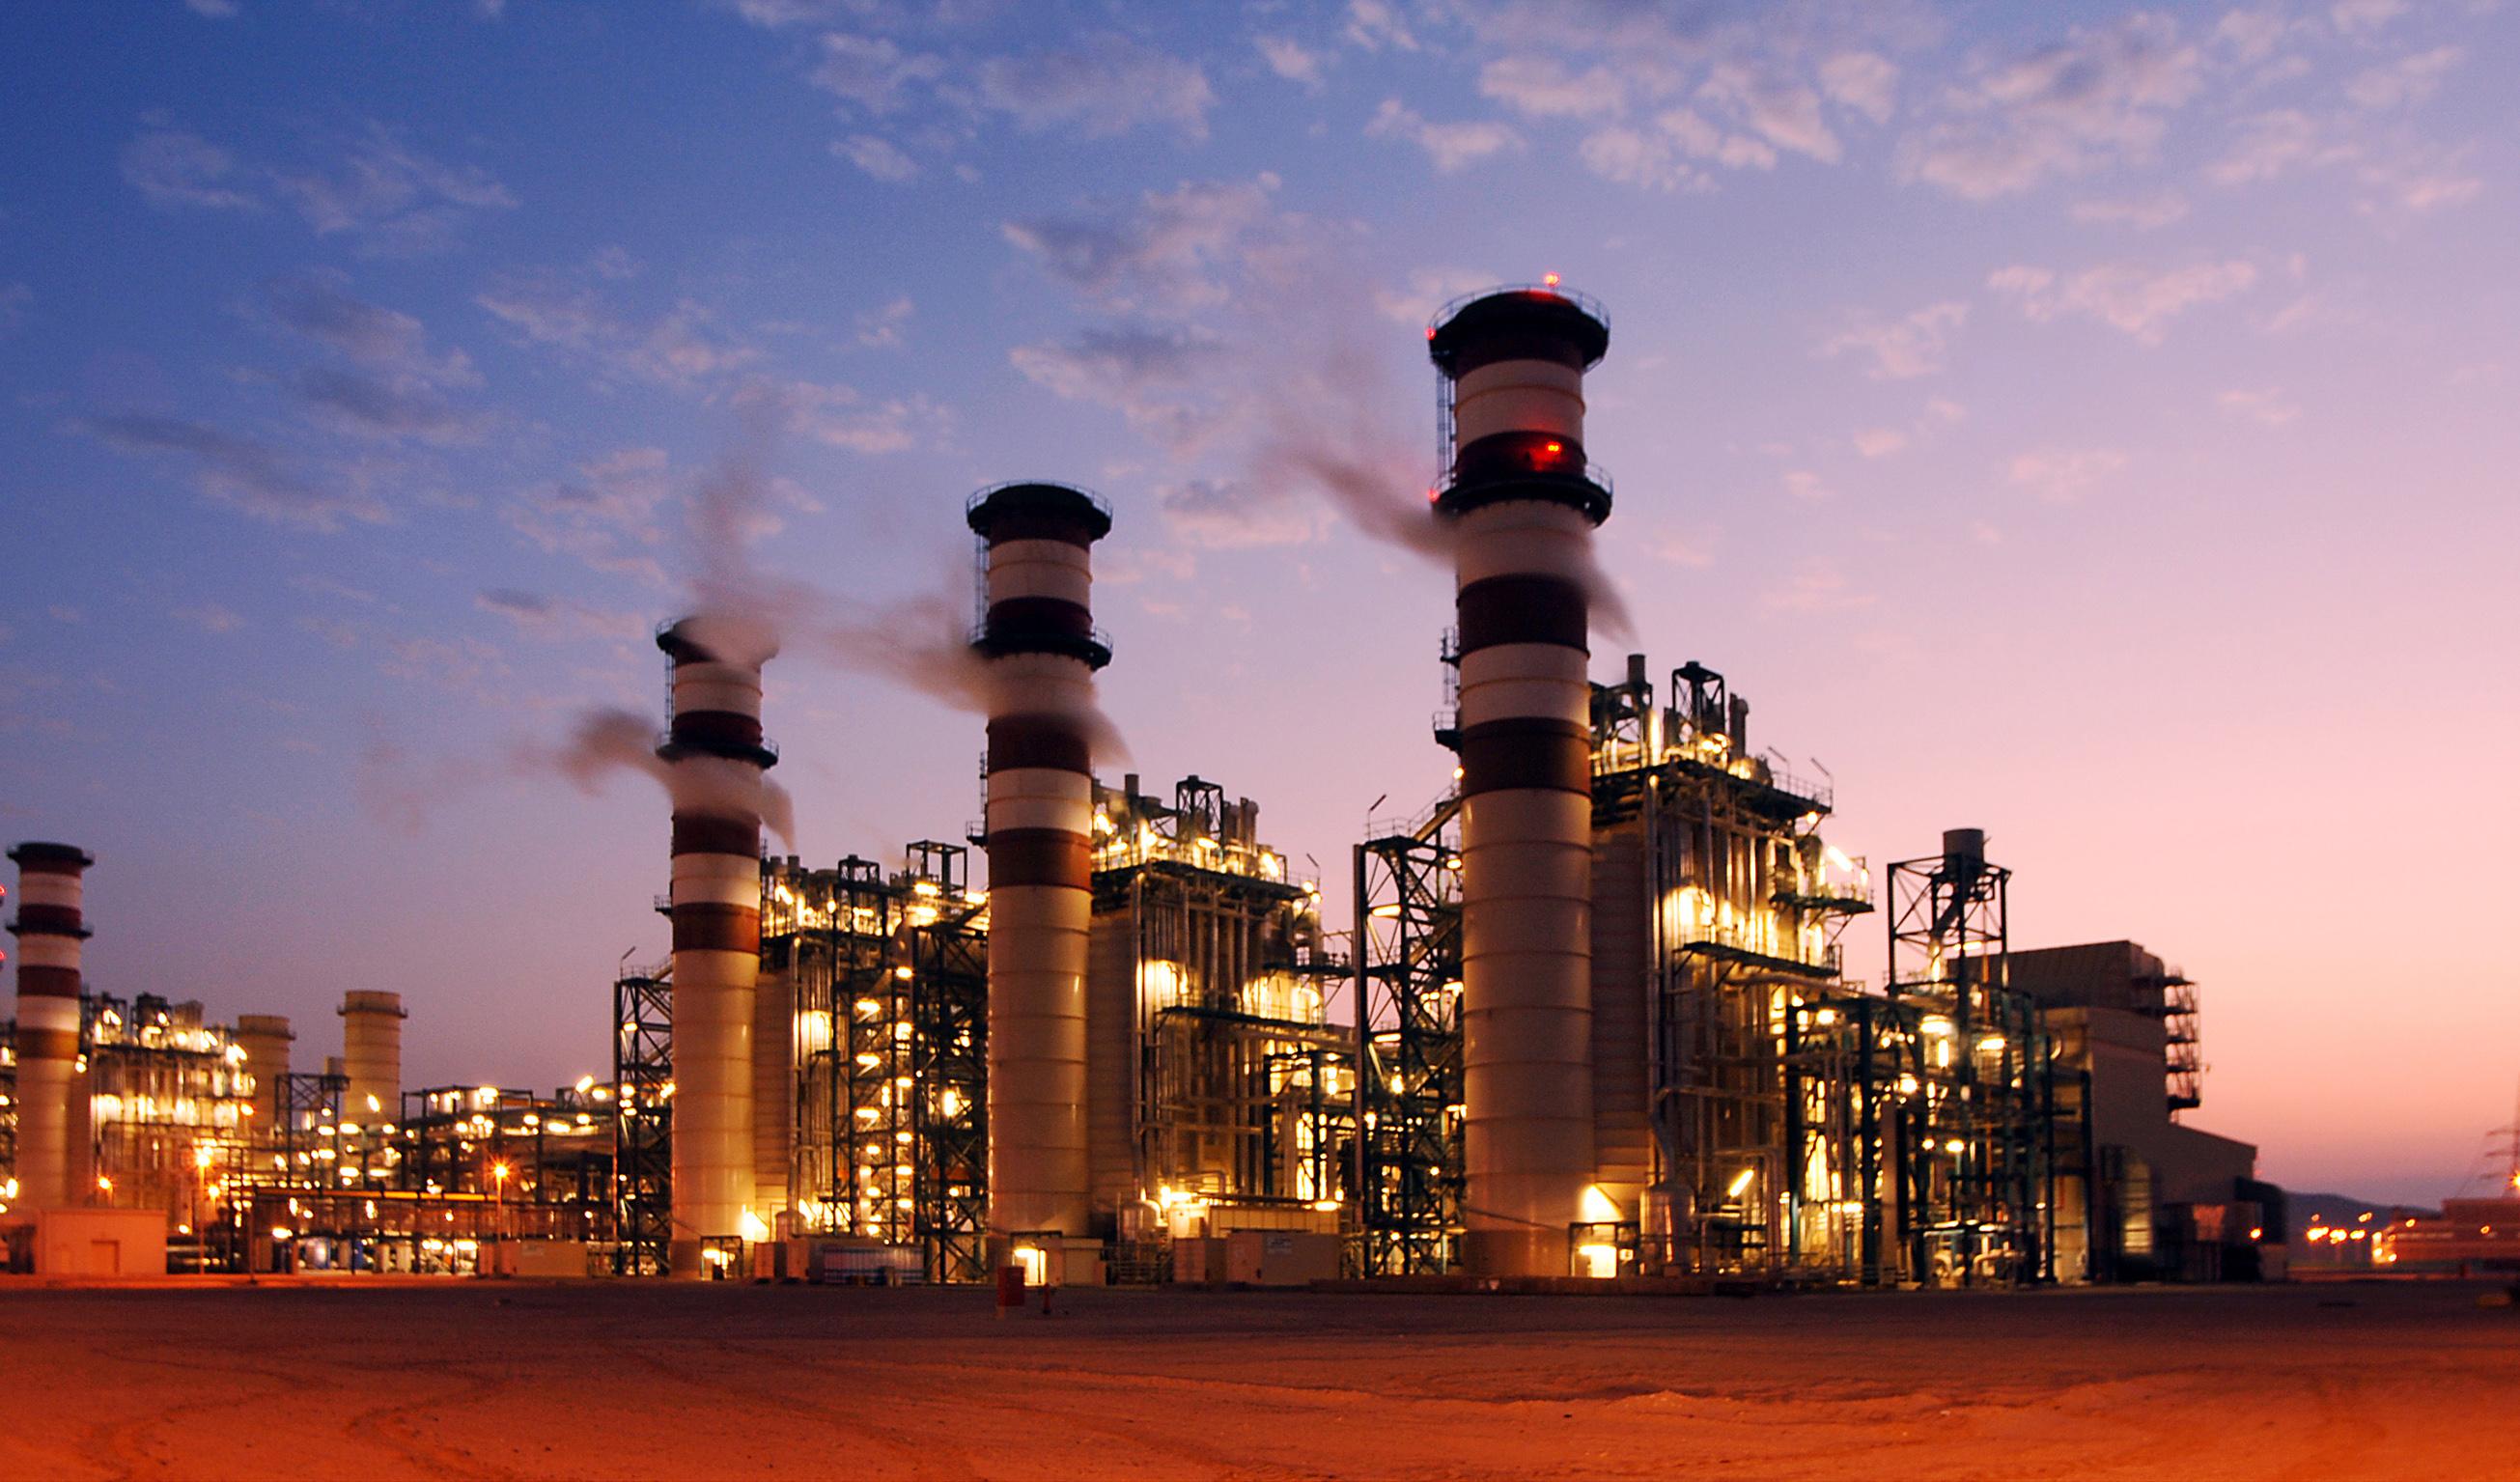 سه طرح نفتی به ارزش 4.7 میلیارد یورو افتتاح شد